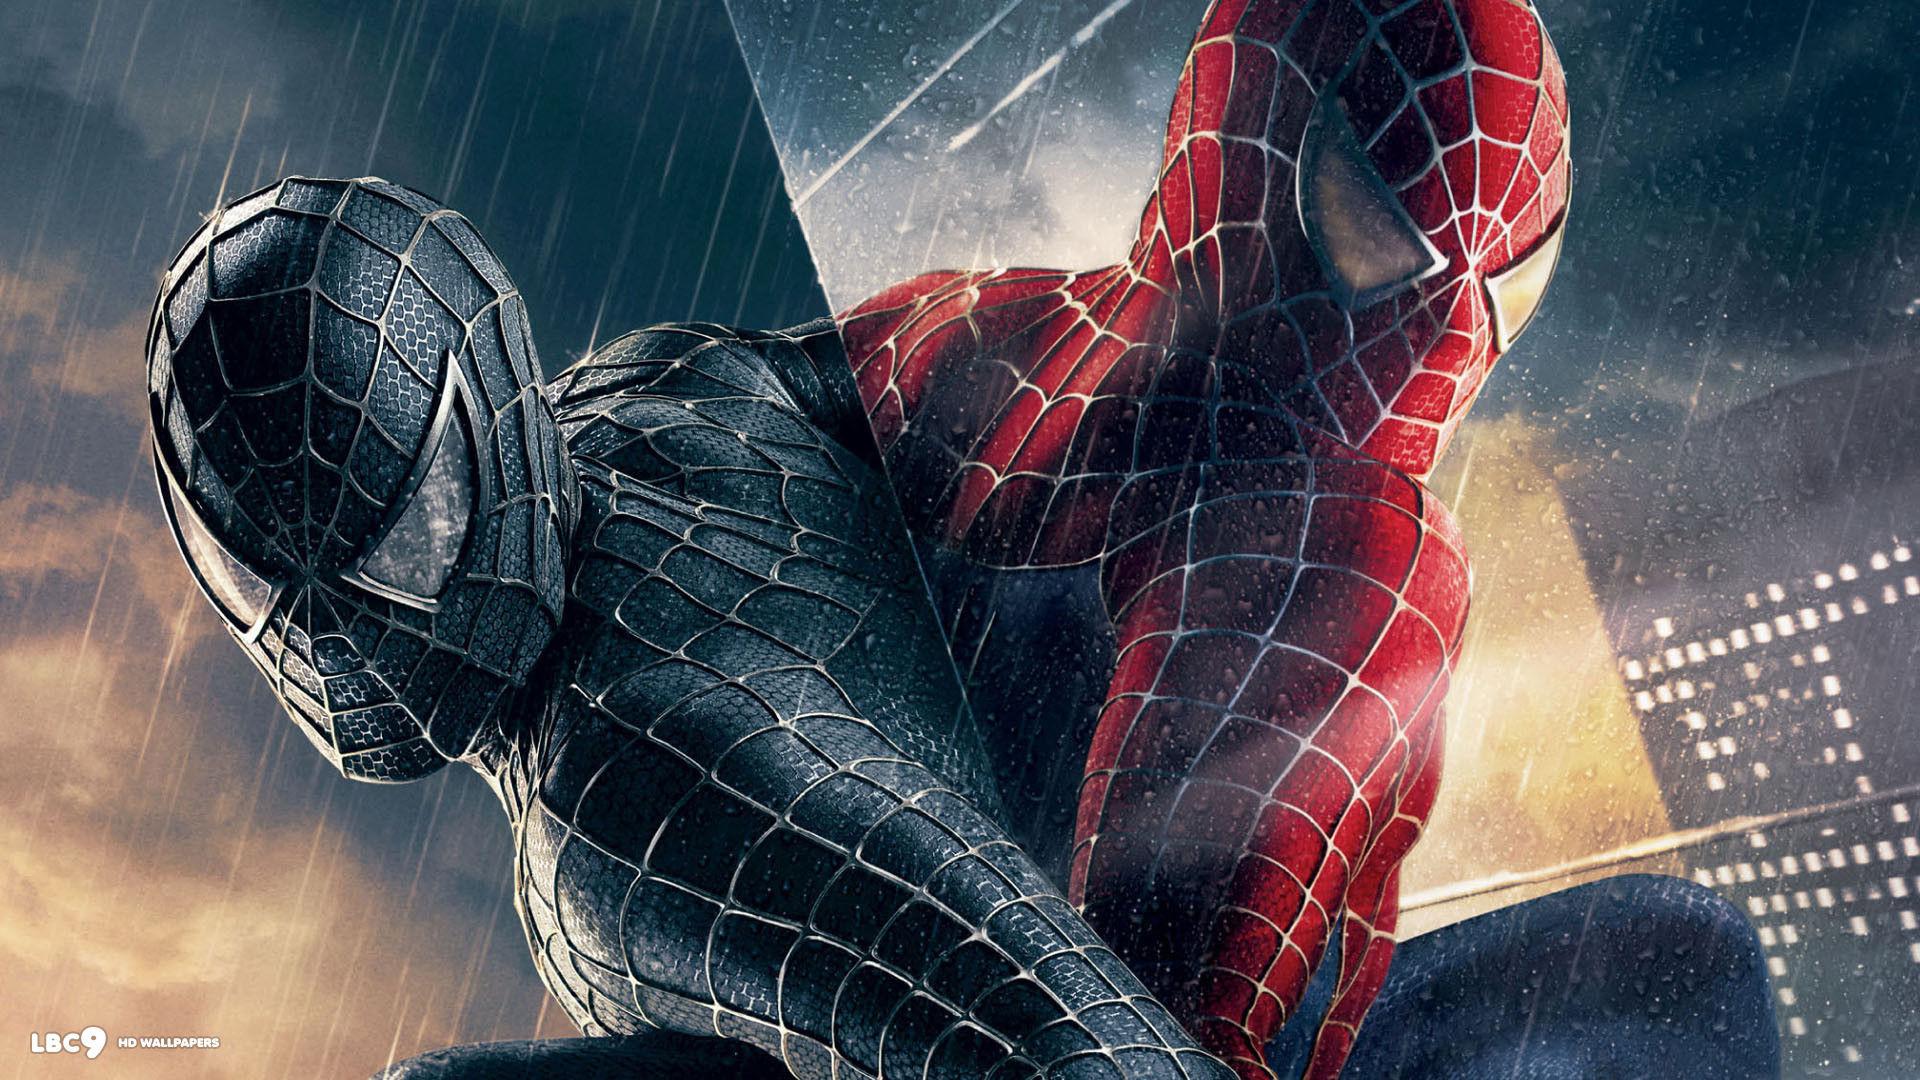 spiderman wallpapers 1080p movie 35754poster.jpg